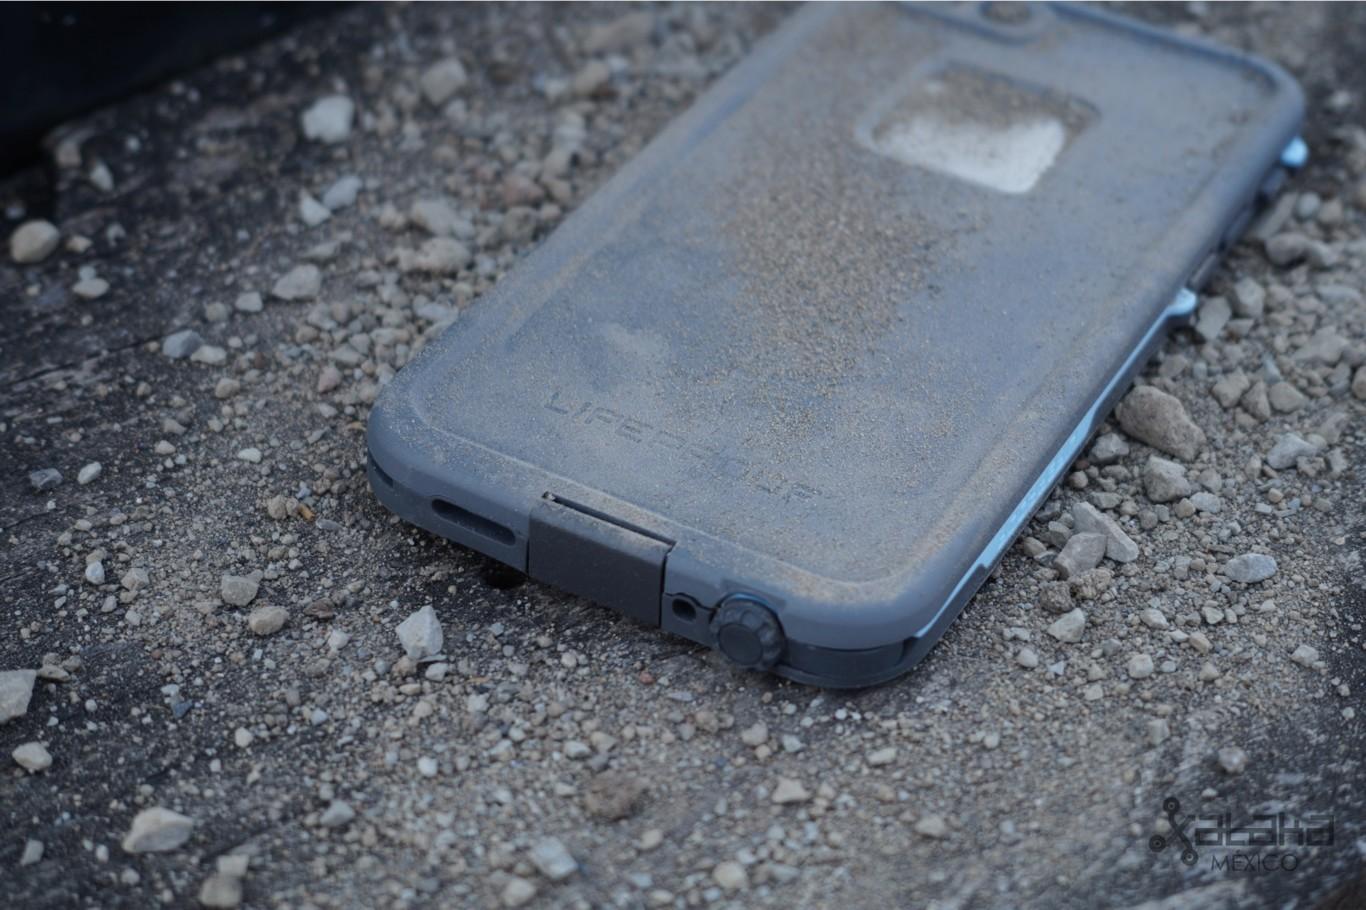 2d9a0eeee8e LifeProof FRE, probamos la funda contra agua y polvo para el iPhone 6s